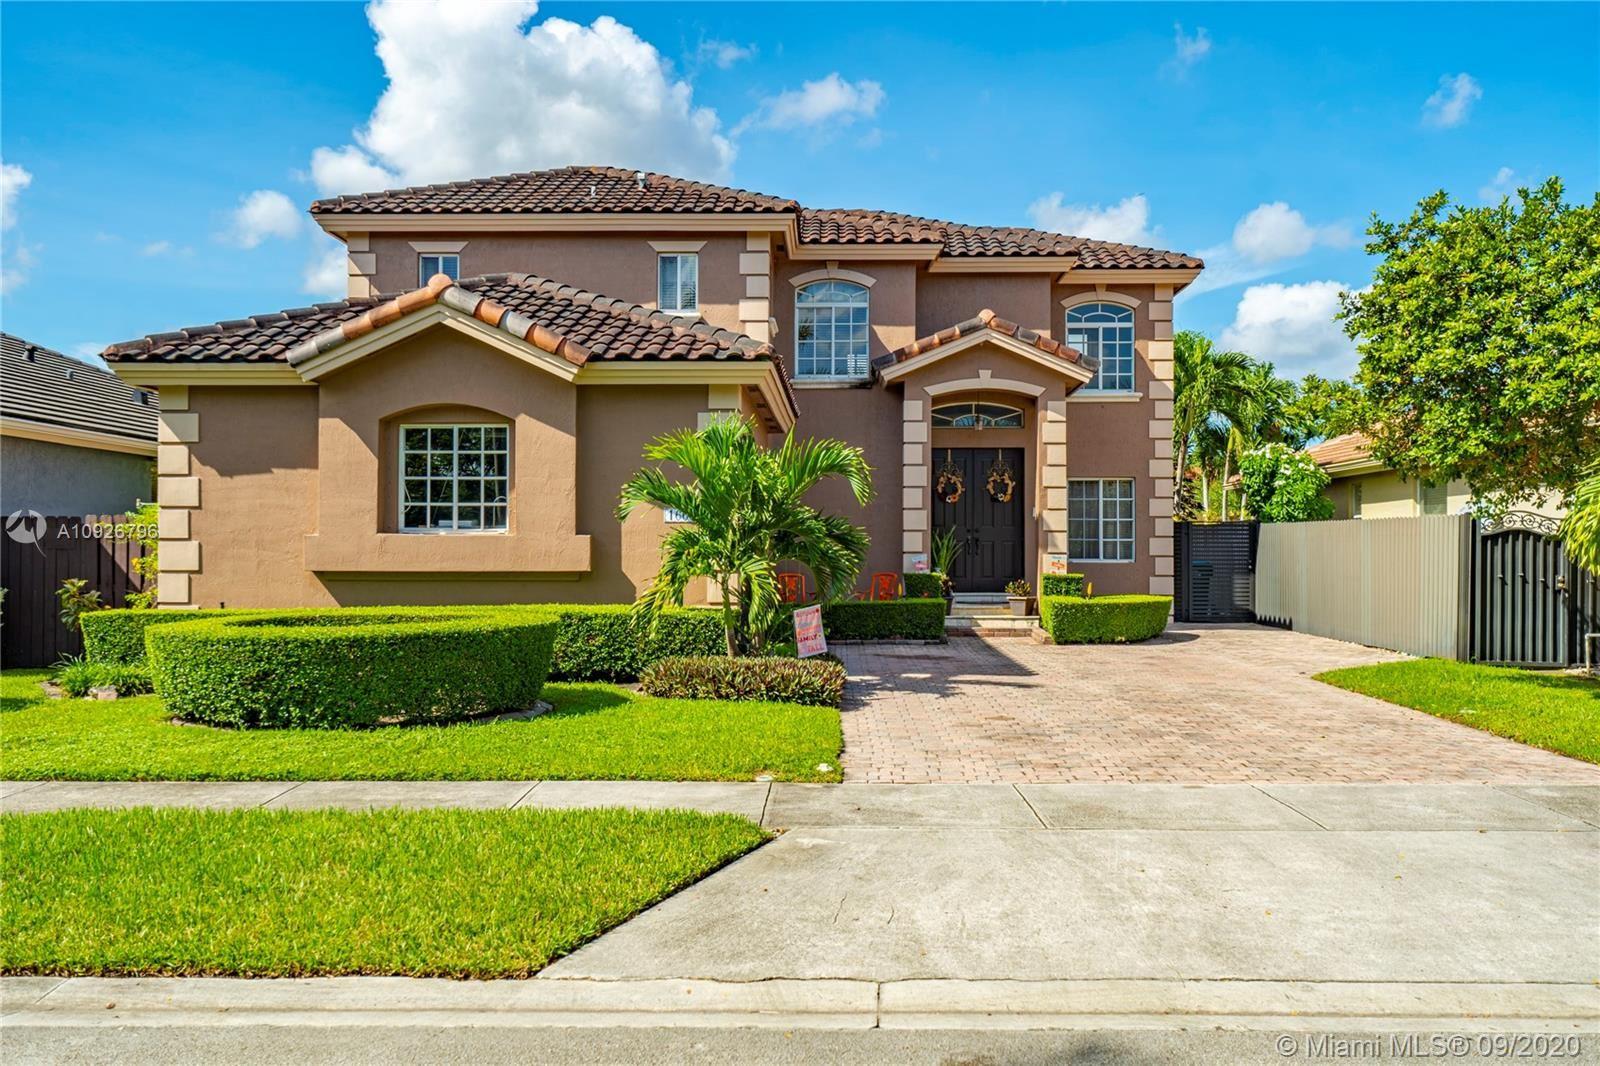 16601 SW 64th Ter, Miami, FL 33193 - #: A10926796